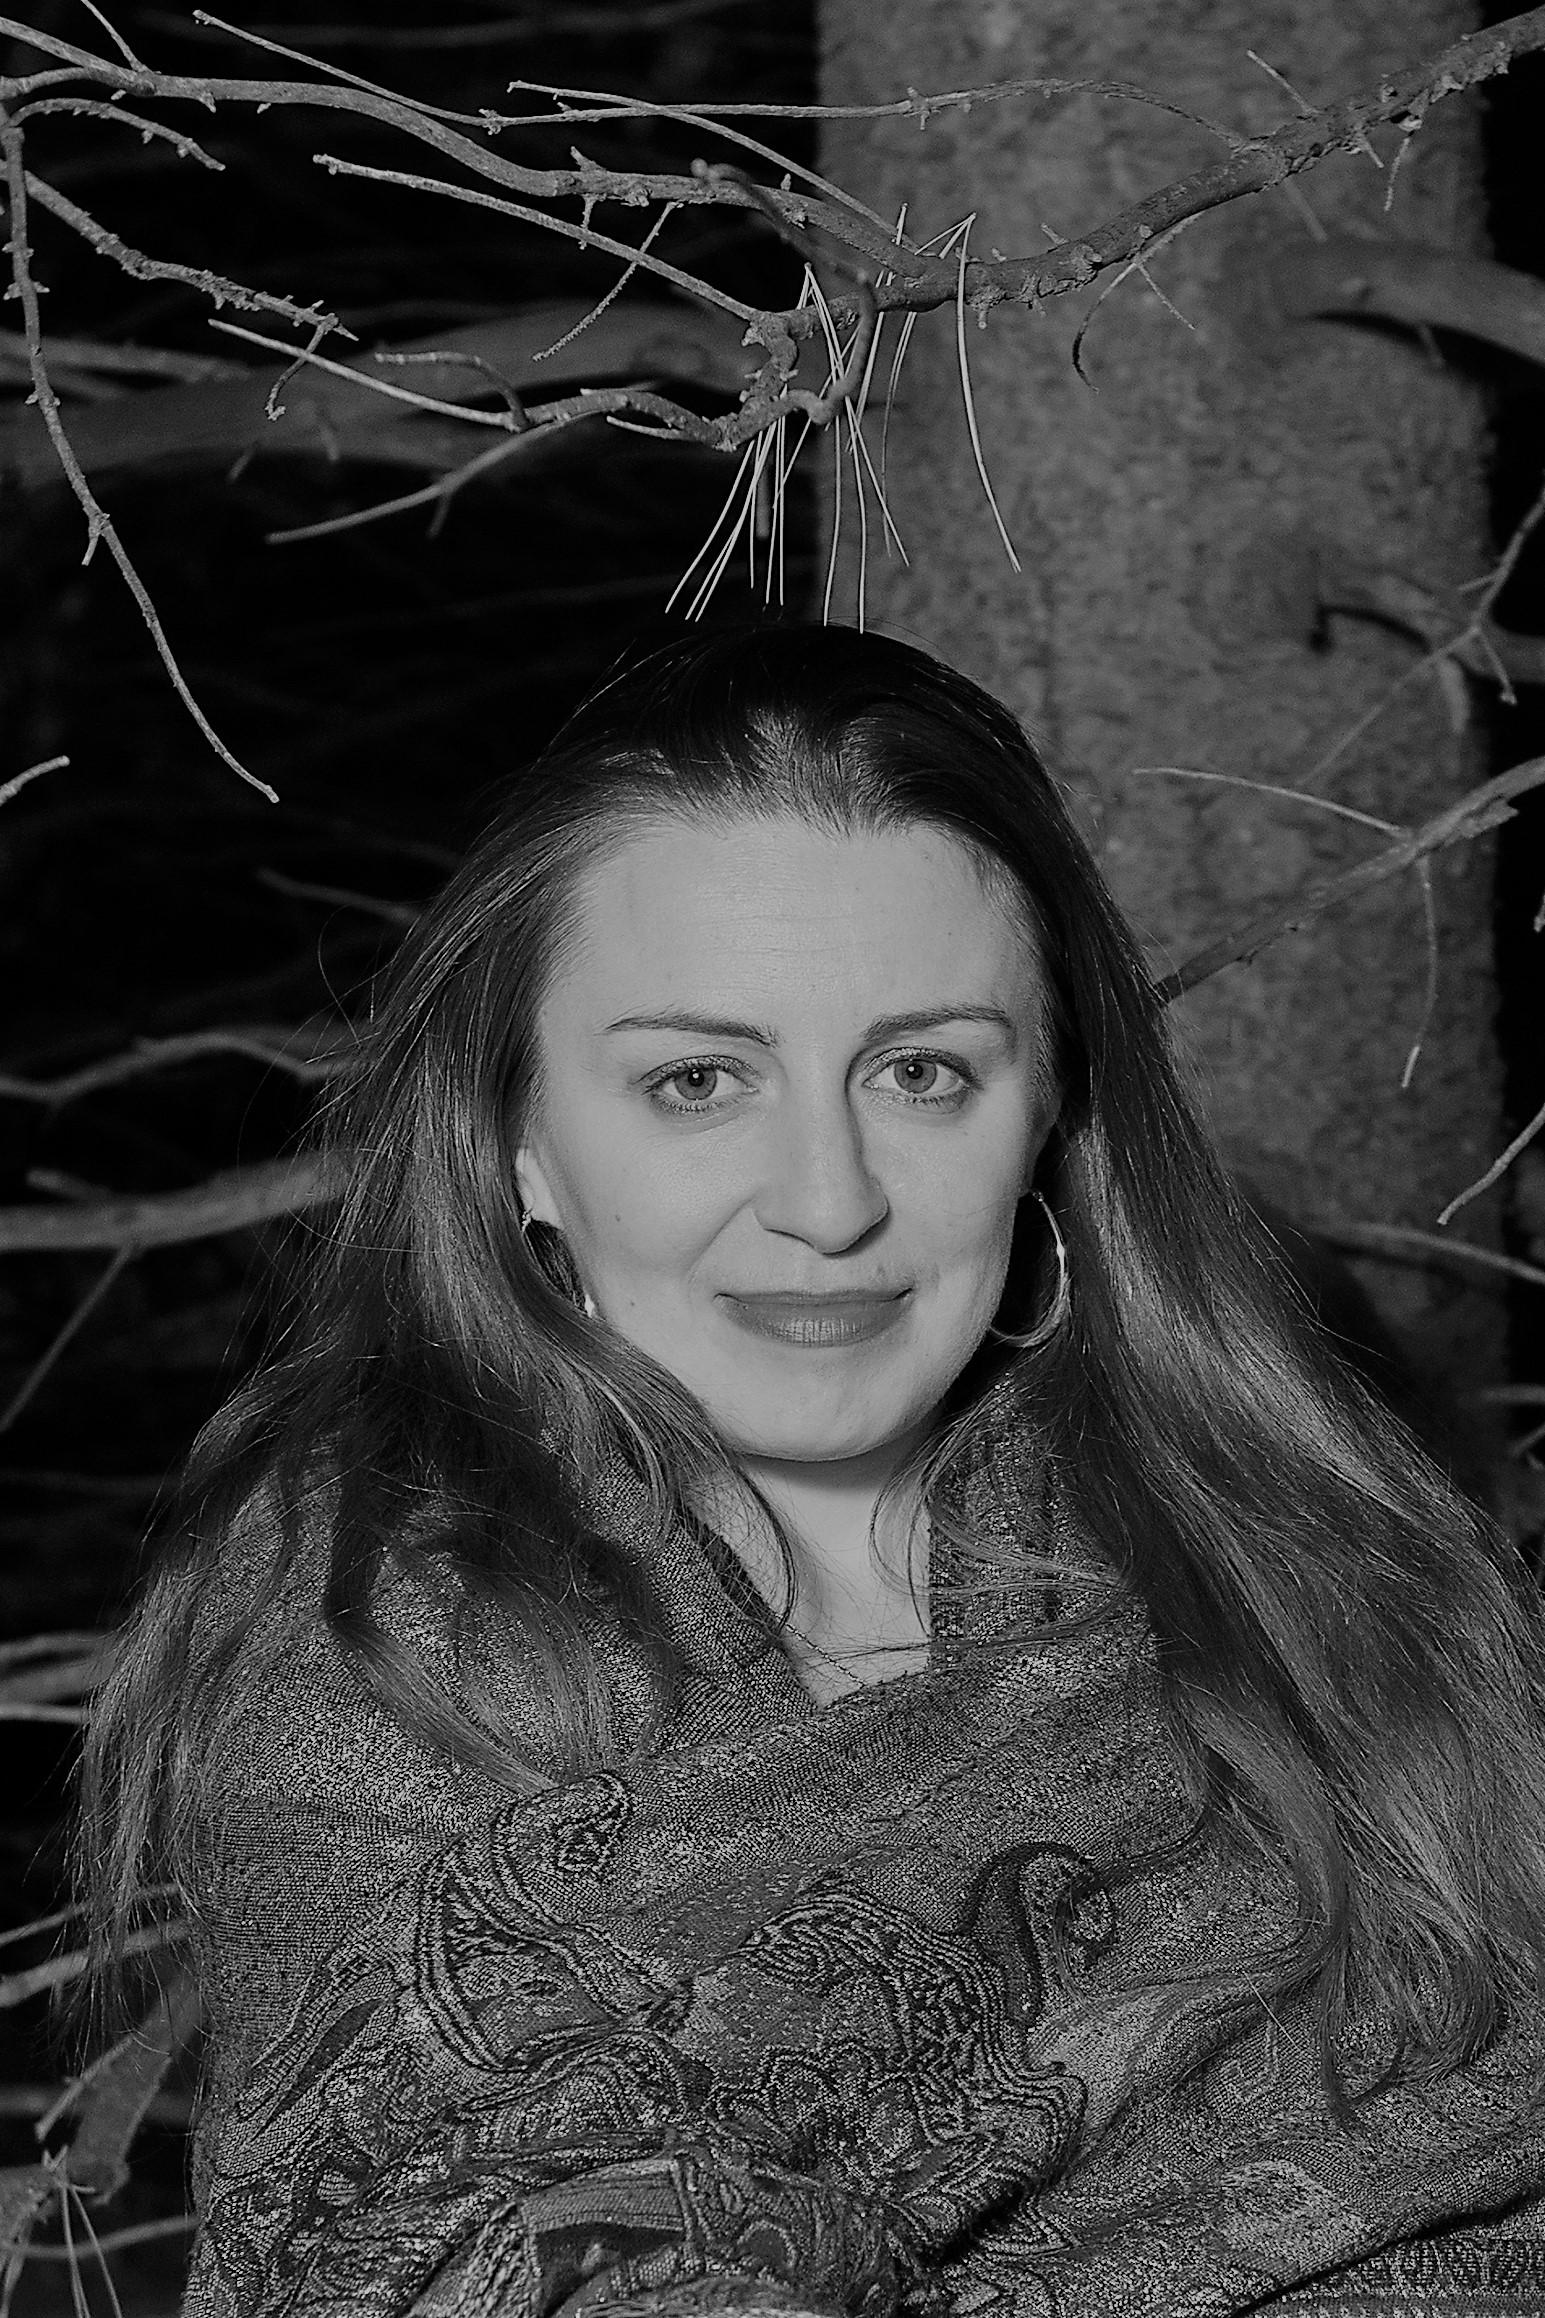 Stacey Chantel Tsourounis